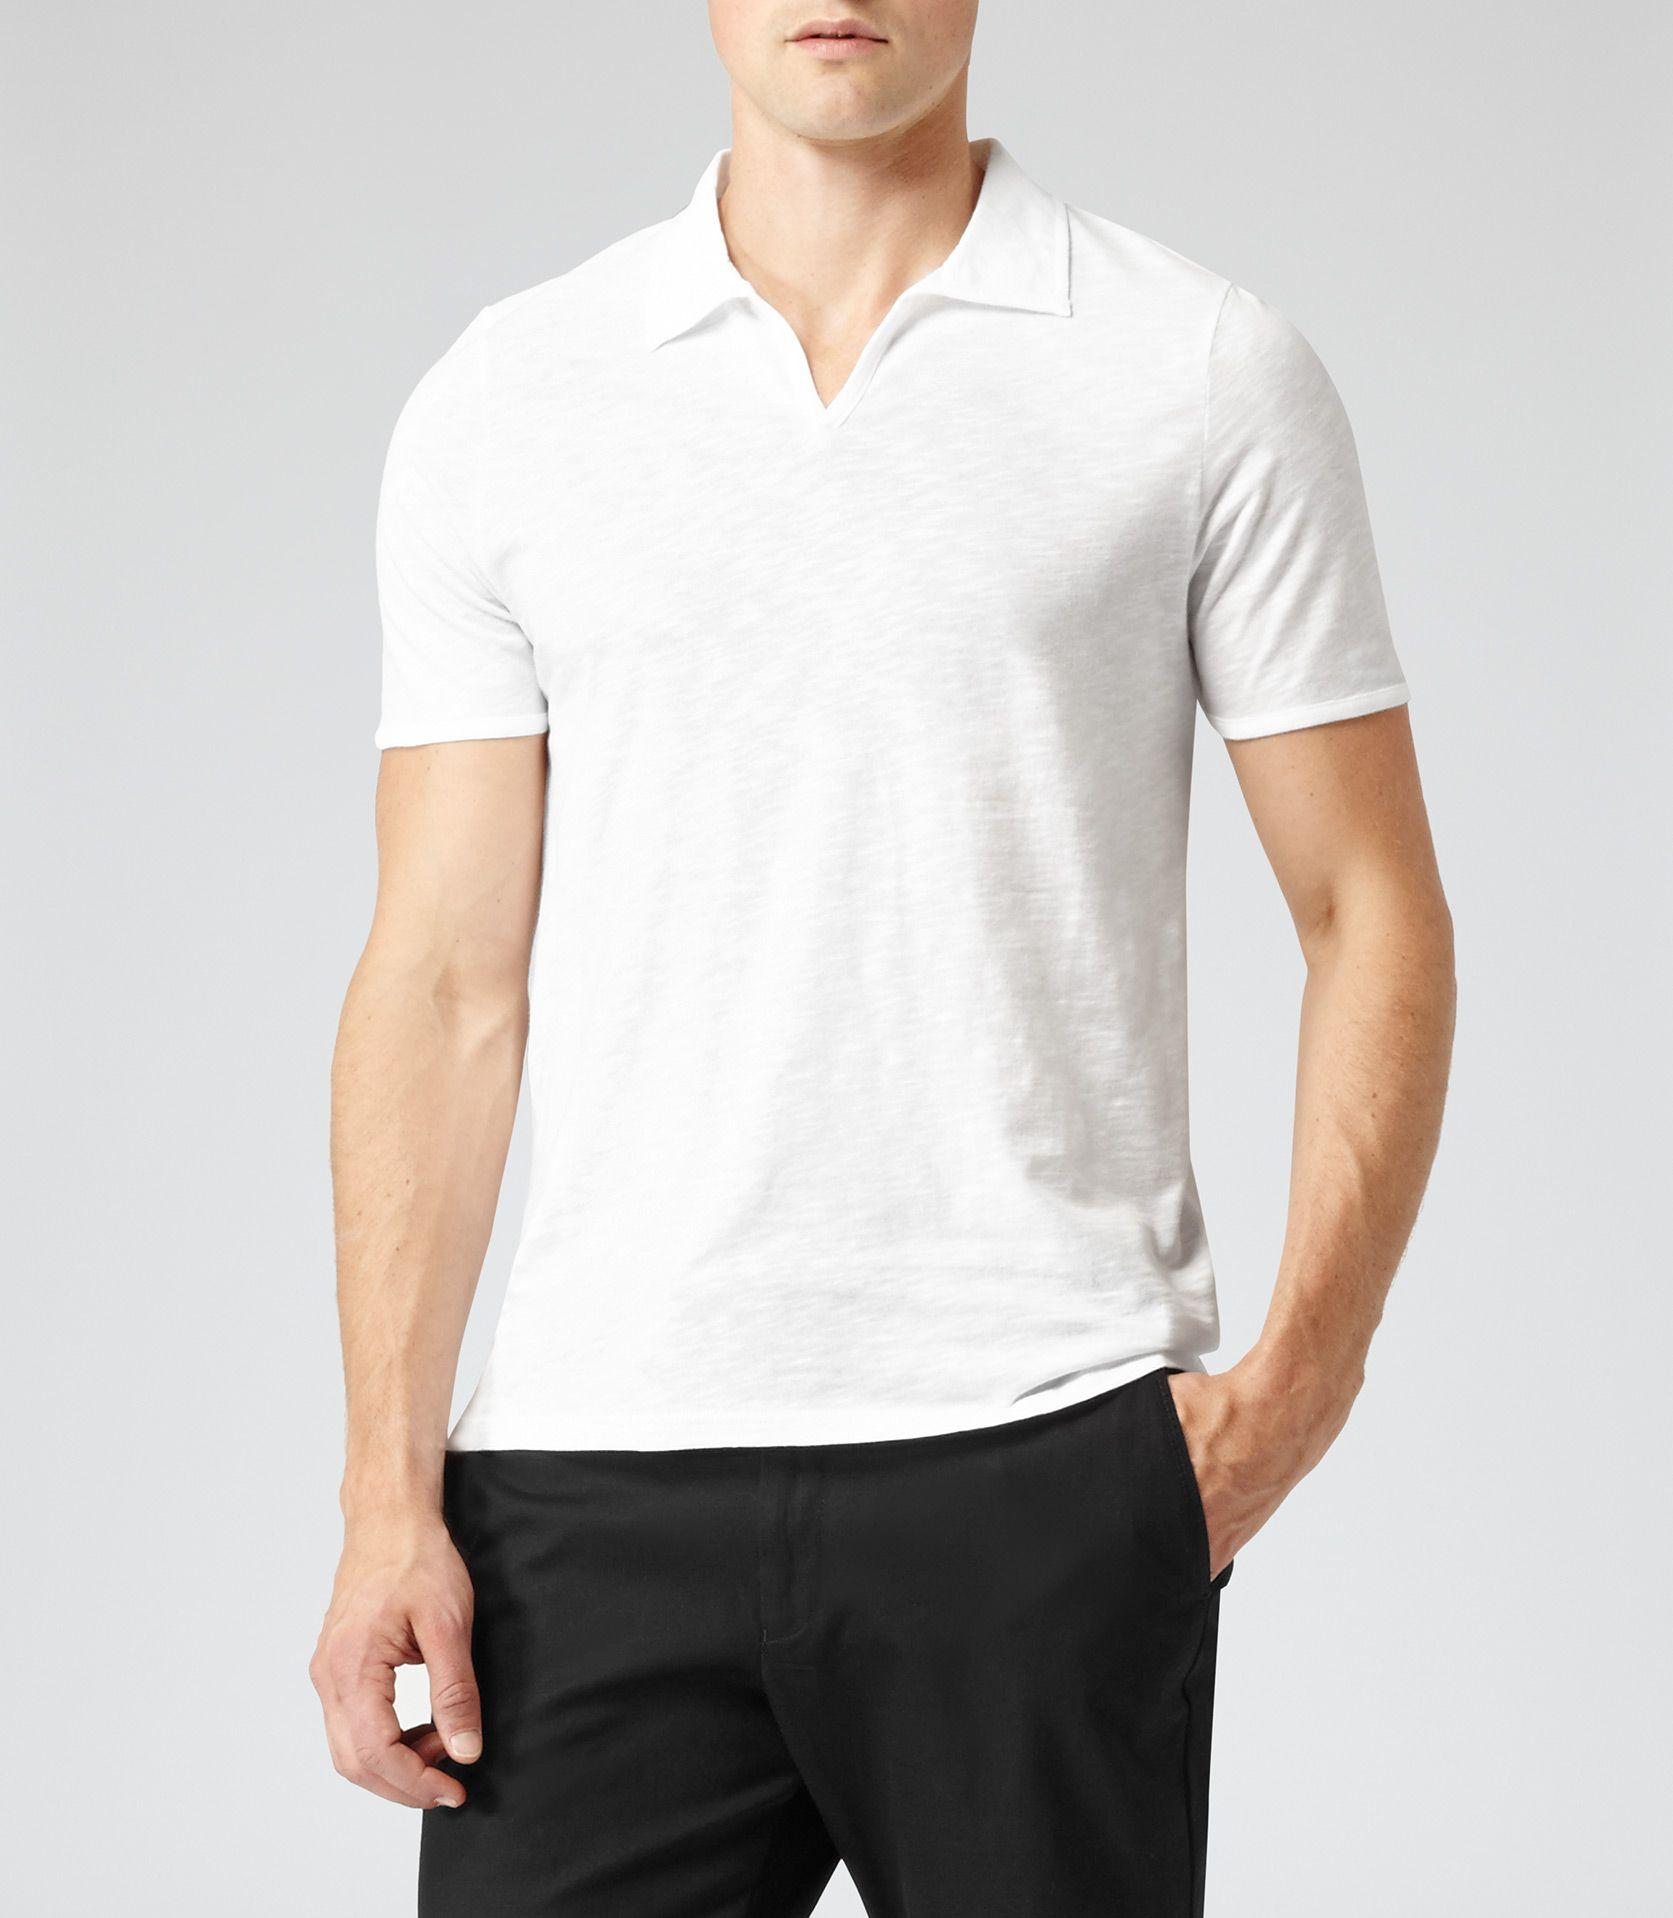 7c63e1bd0 Reiss White Open Collar Polo T-shirt